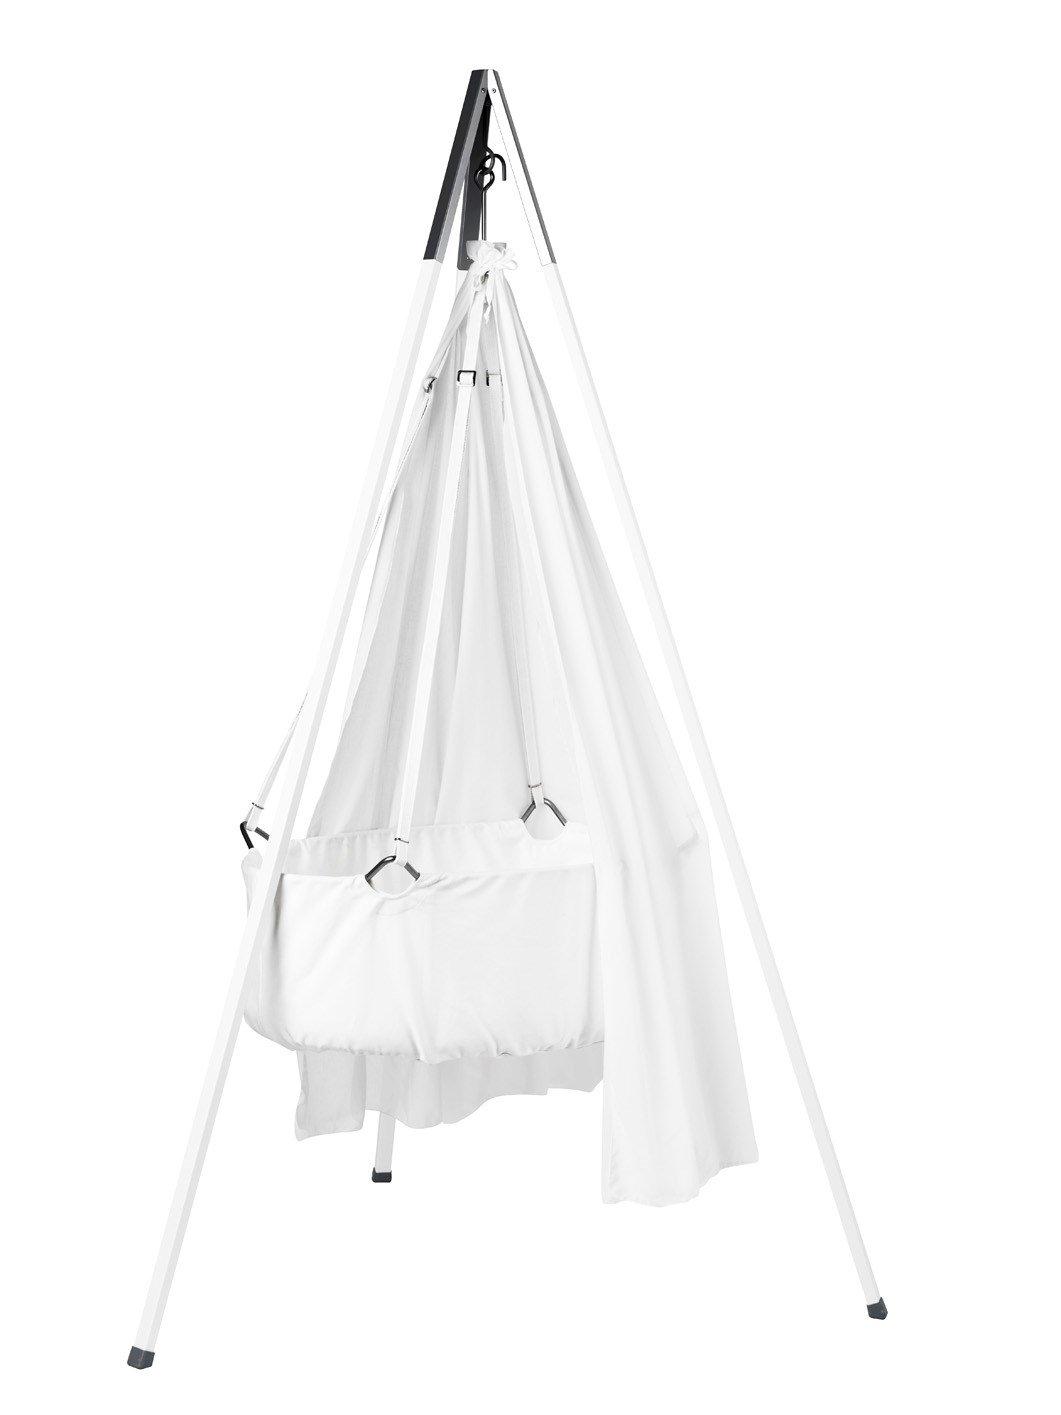 Leander Wiege - Babywiege weiß inkl. Matratze und Deckenhaken - mit Himmel (Schleier) weiß + Stativ weiß